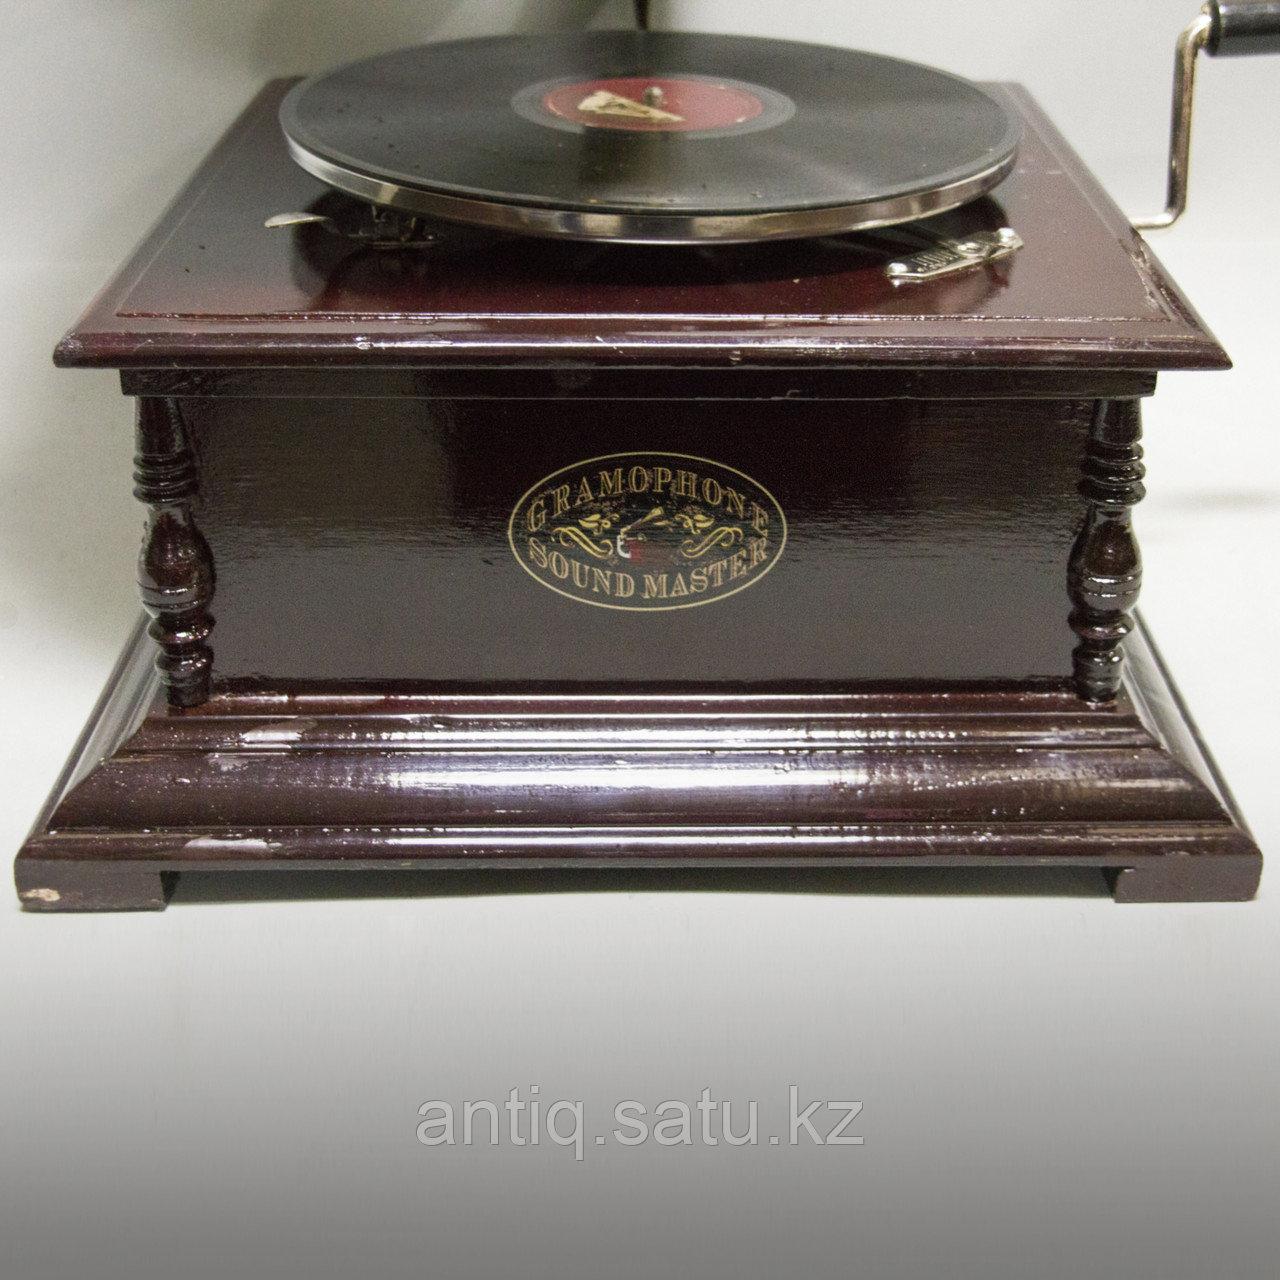 Голландский граммофон. 5 старинных пластинок в подарок покупателю. - фото 4